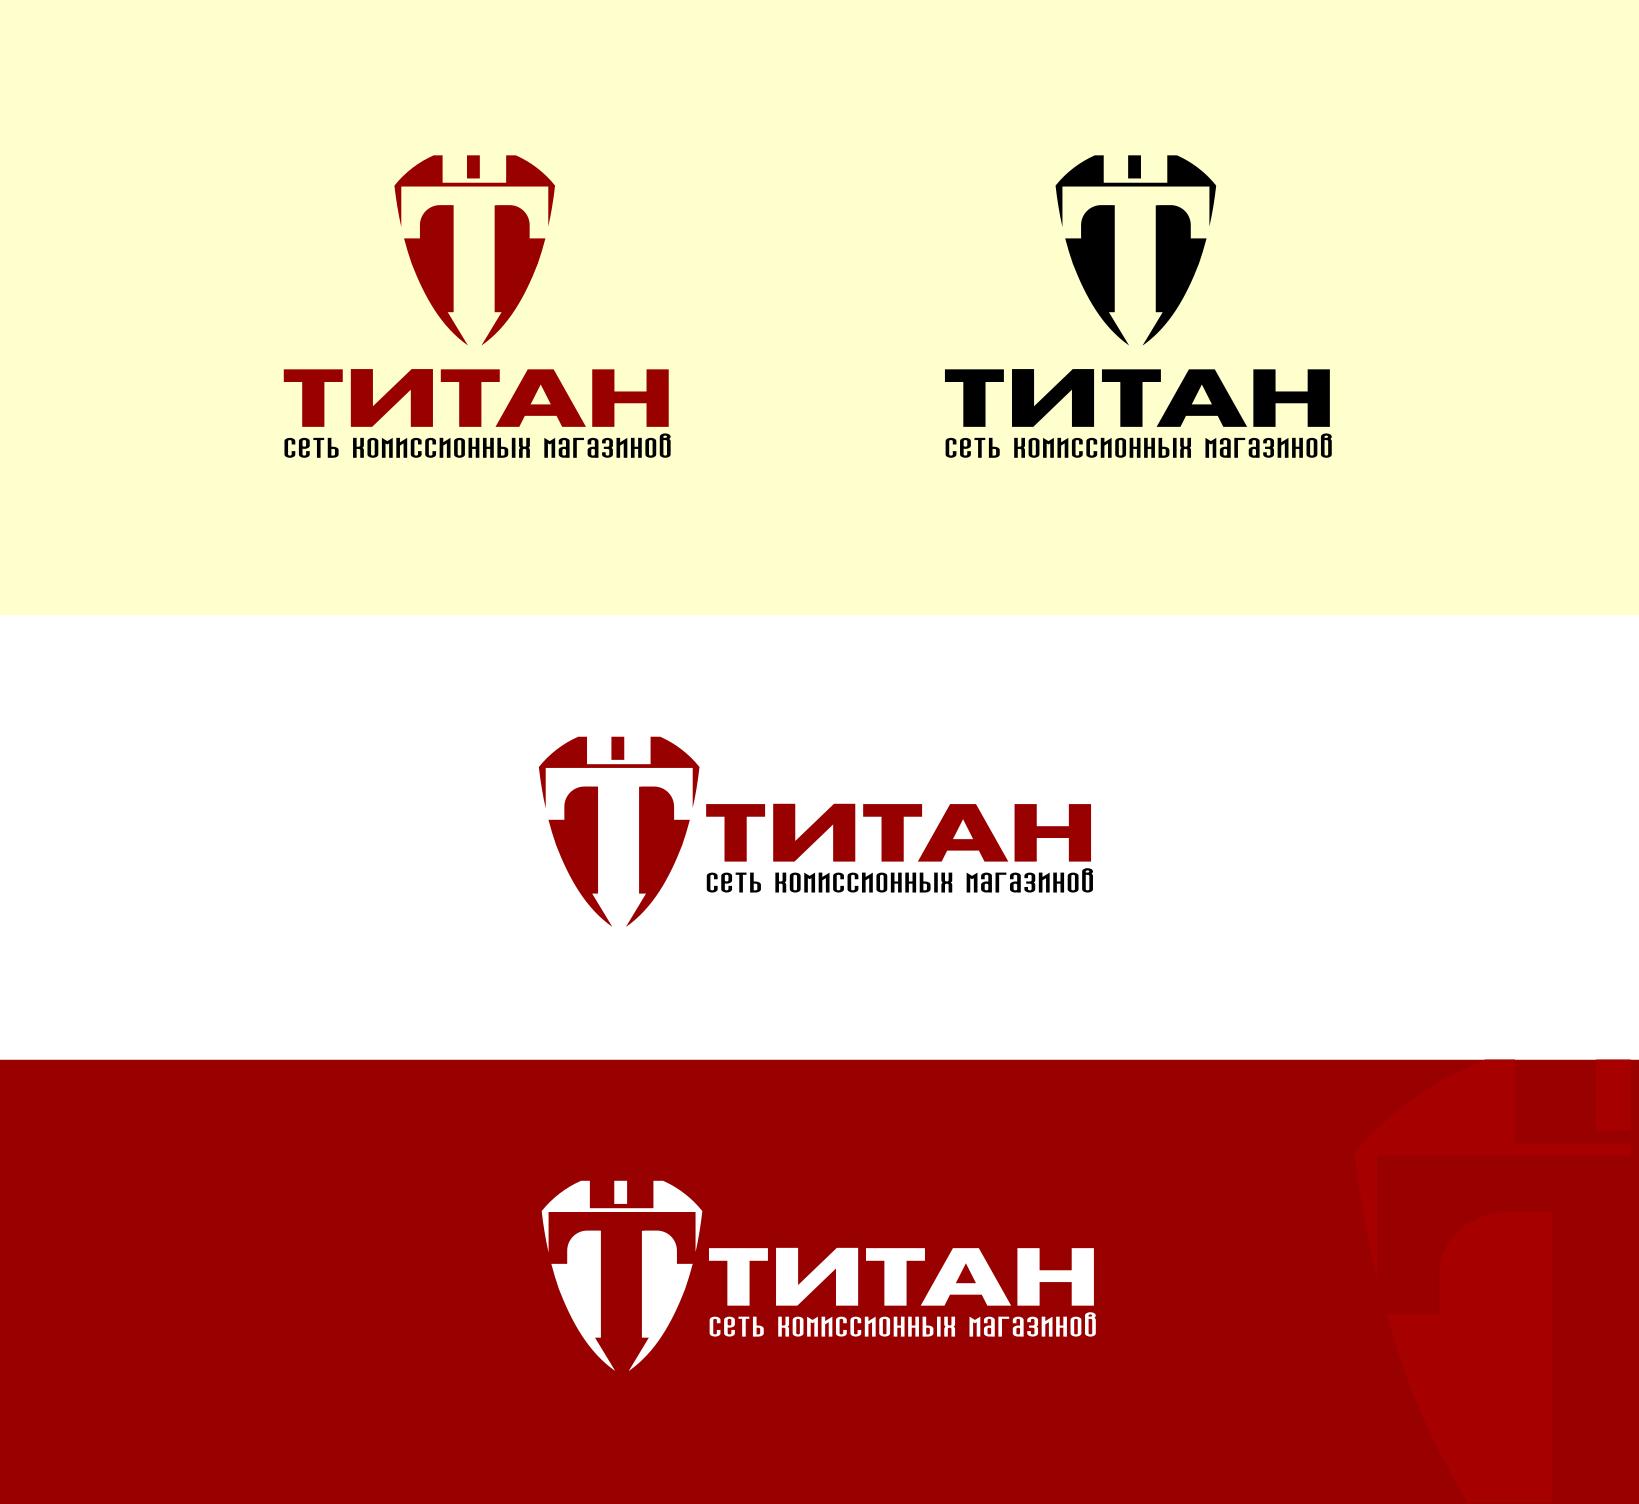 Разработка логотипа (срочно) фото f_0115d49b1bf6f846.png